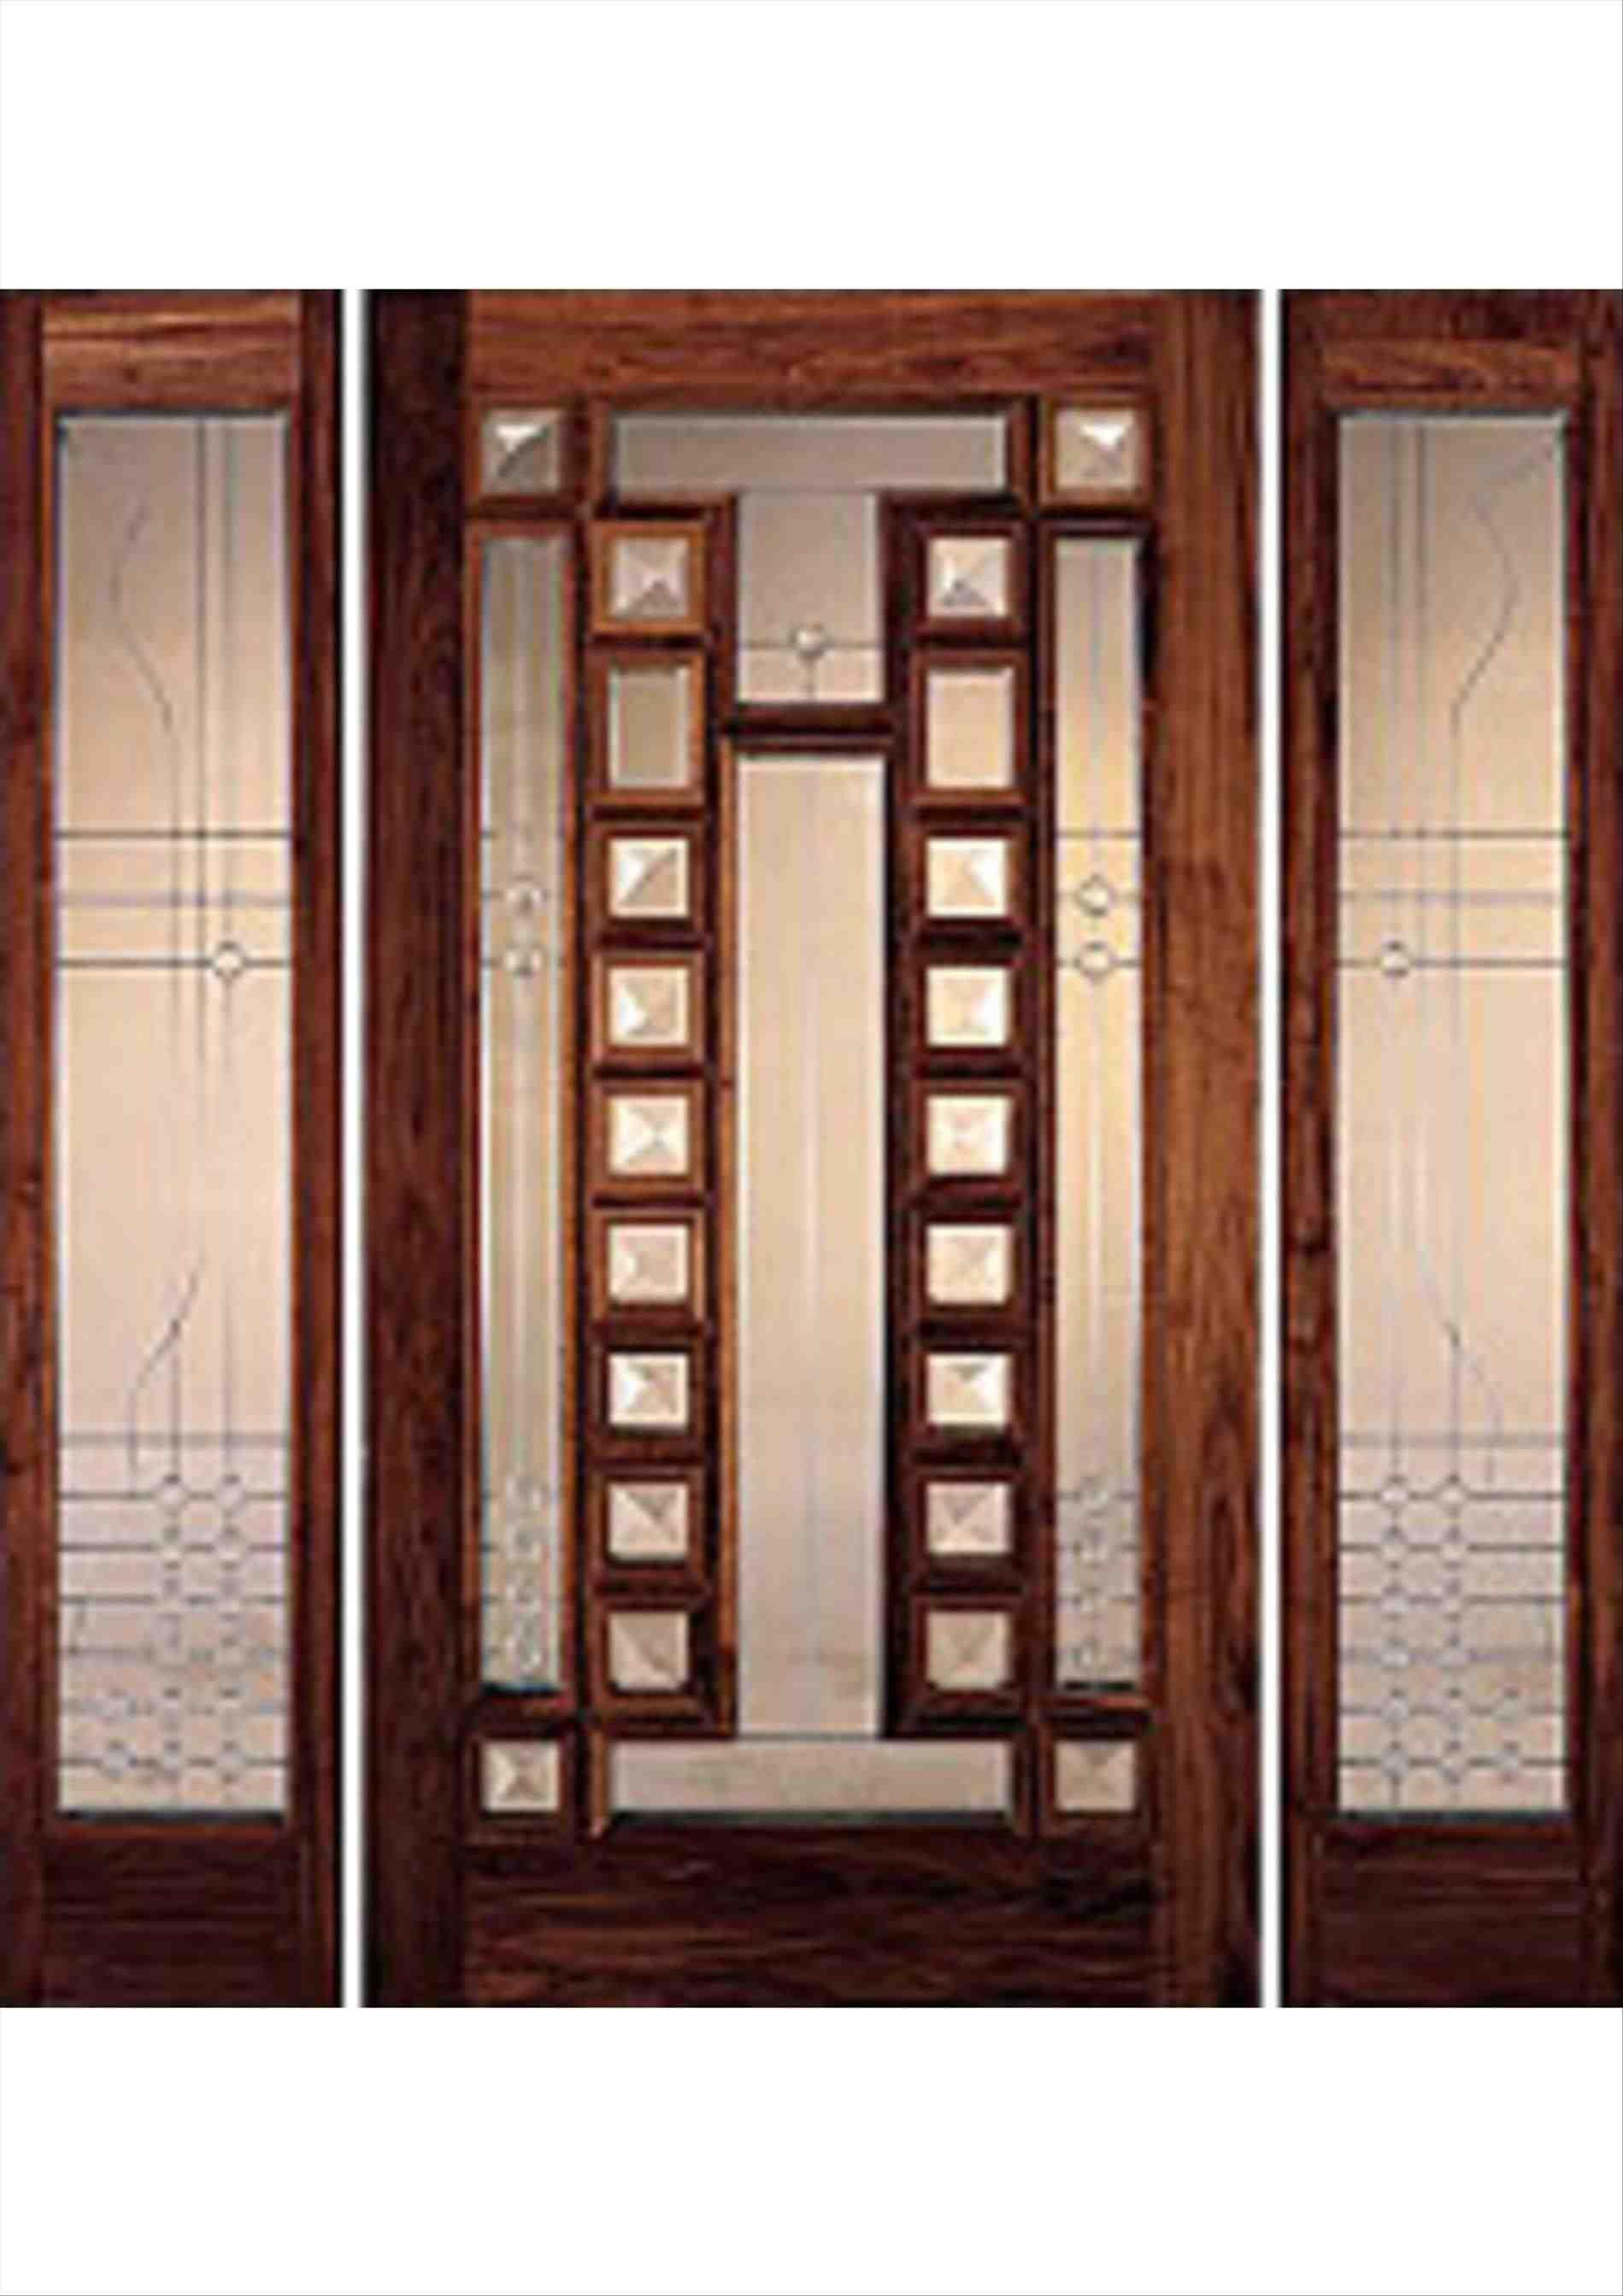 House simple door design how to window grille and door